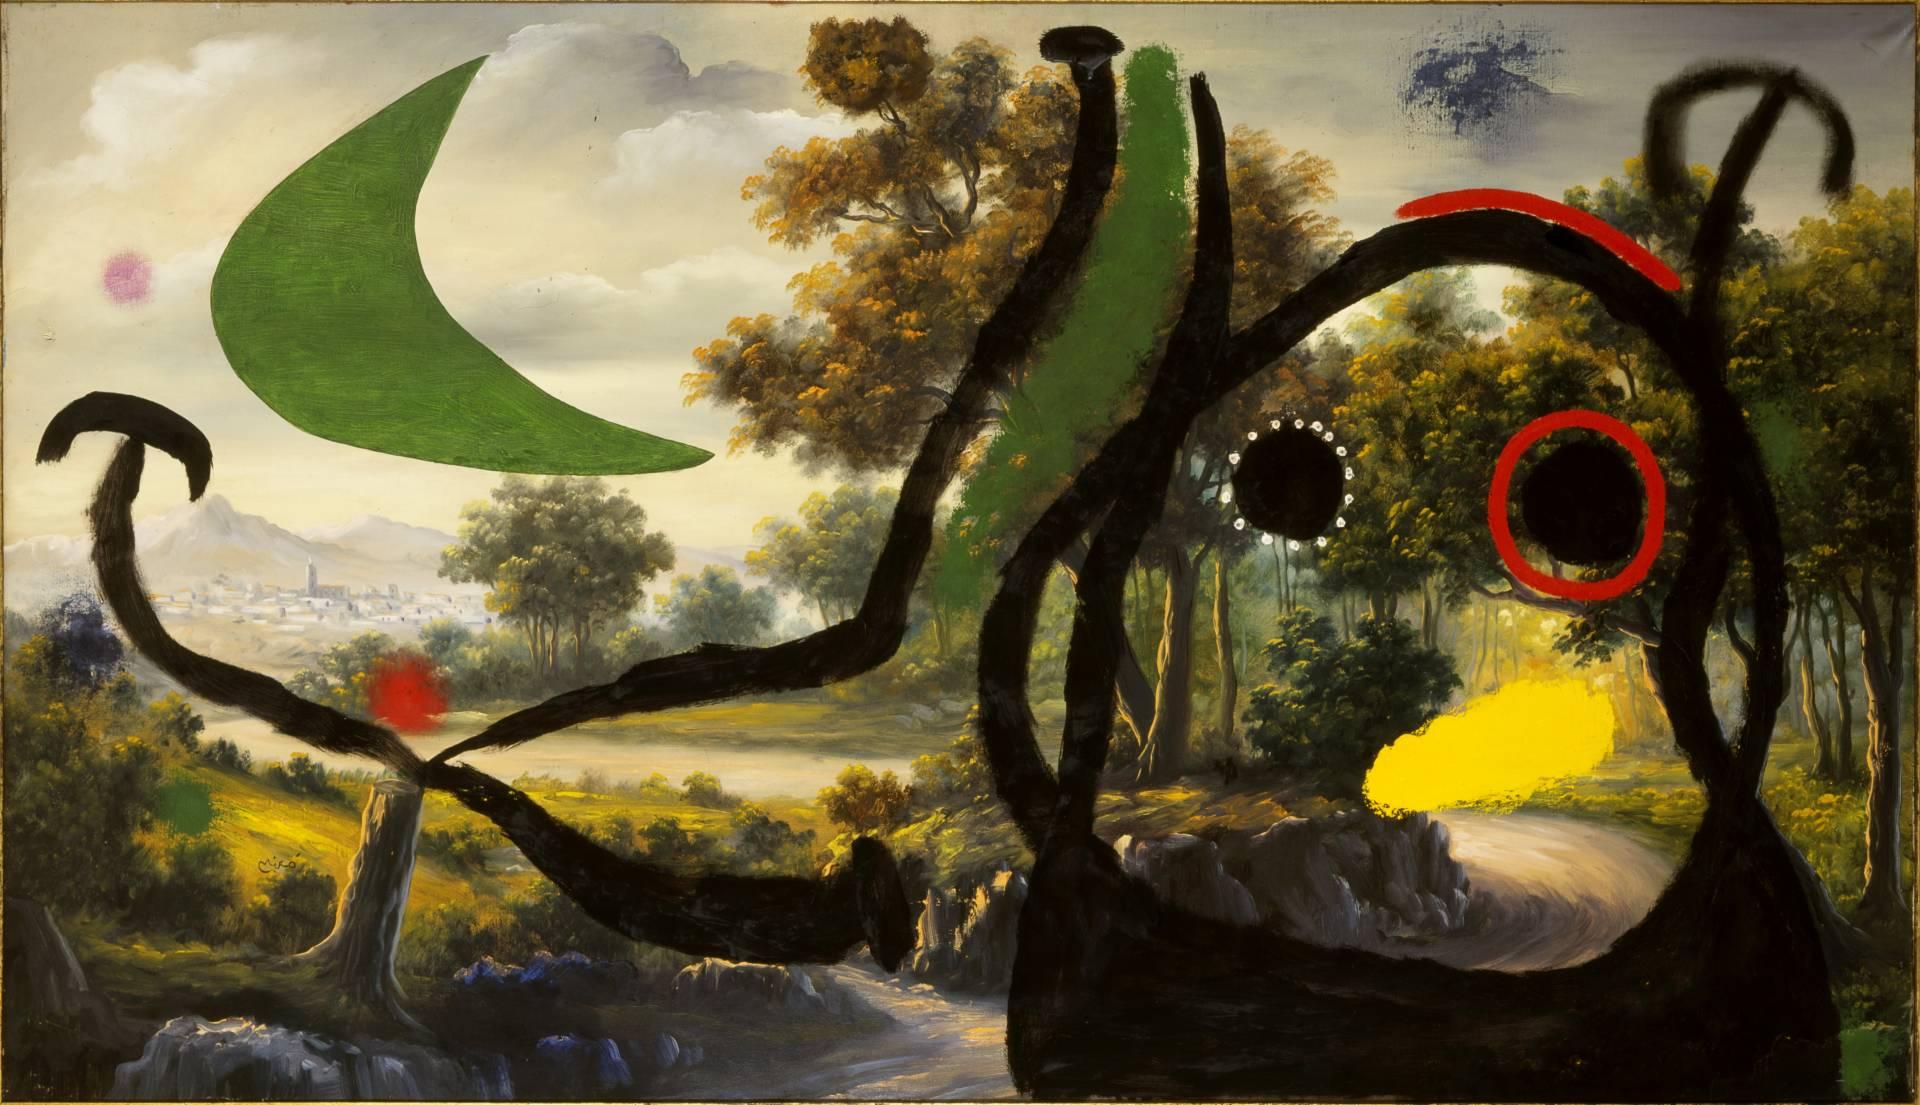 'Personaje en un paisaje cerca del pueblo' (1965), de Joan Miró. Óleo sobre cuadro.